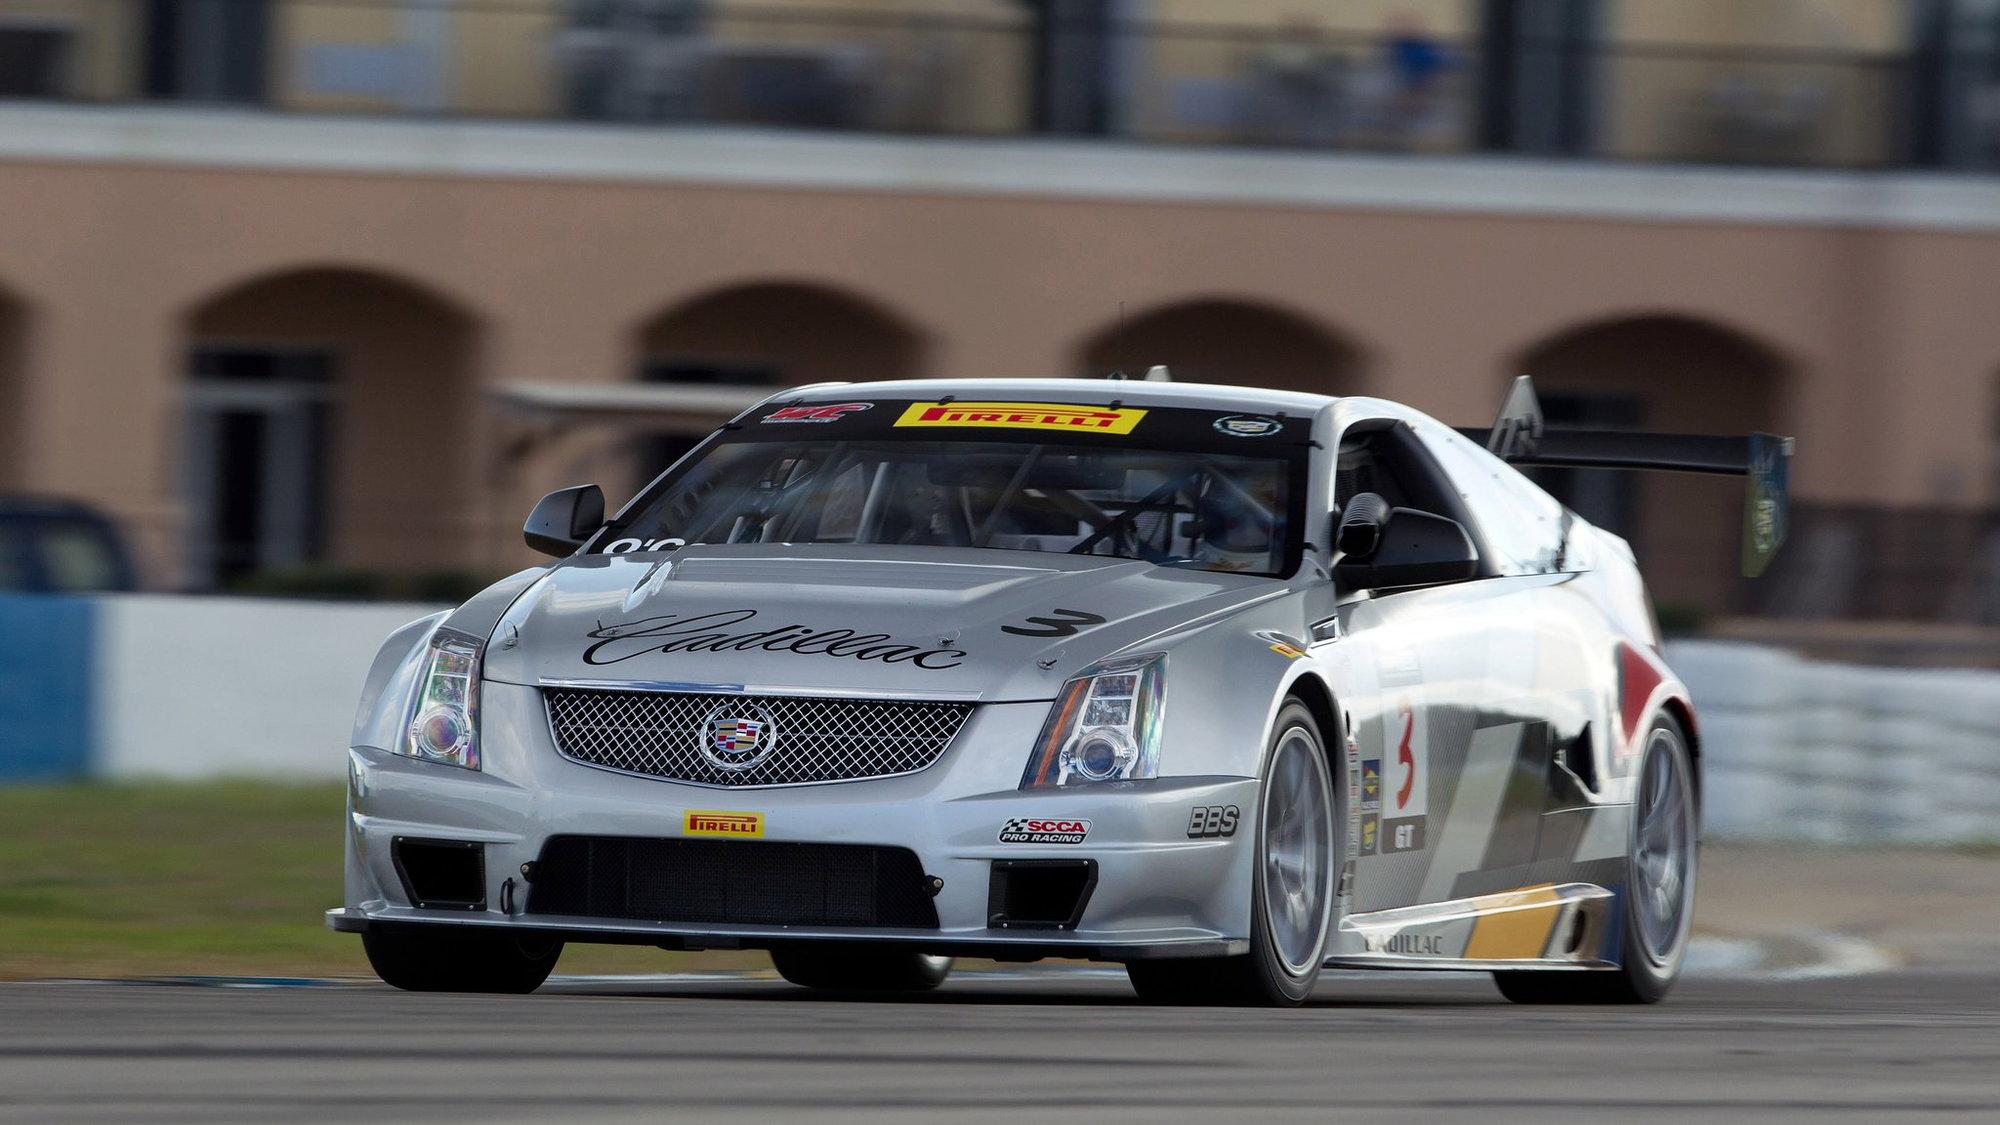 Cadillac CTS-V Coupe race car testing at Sebring